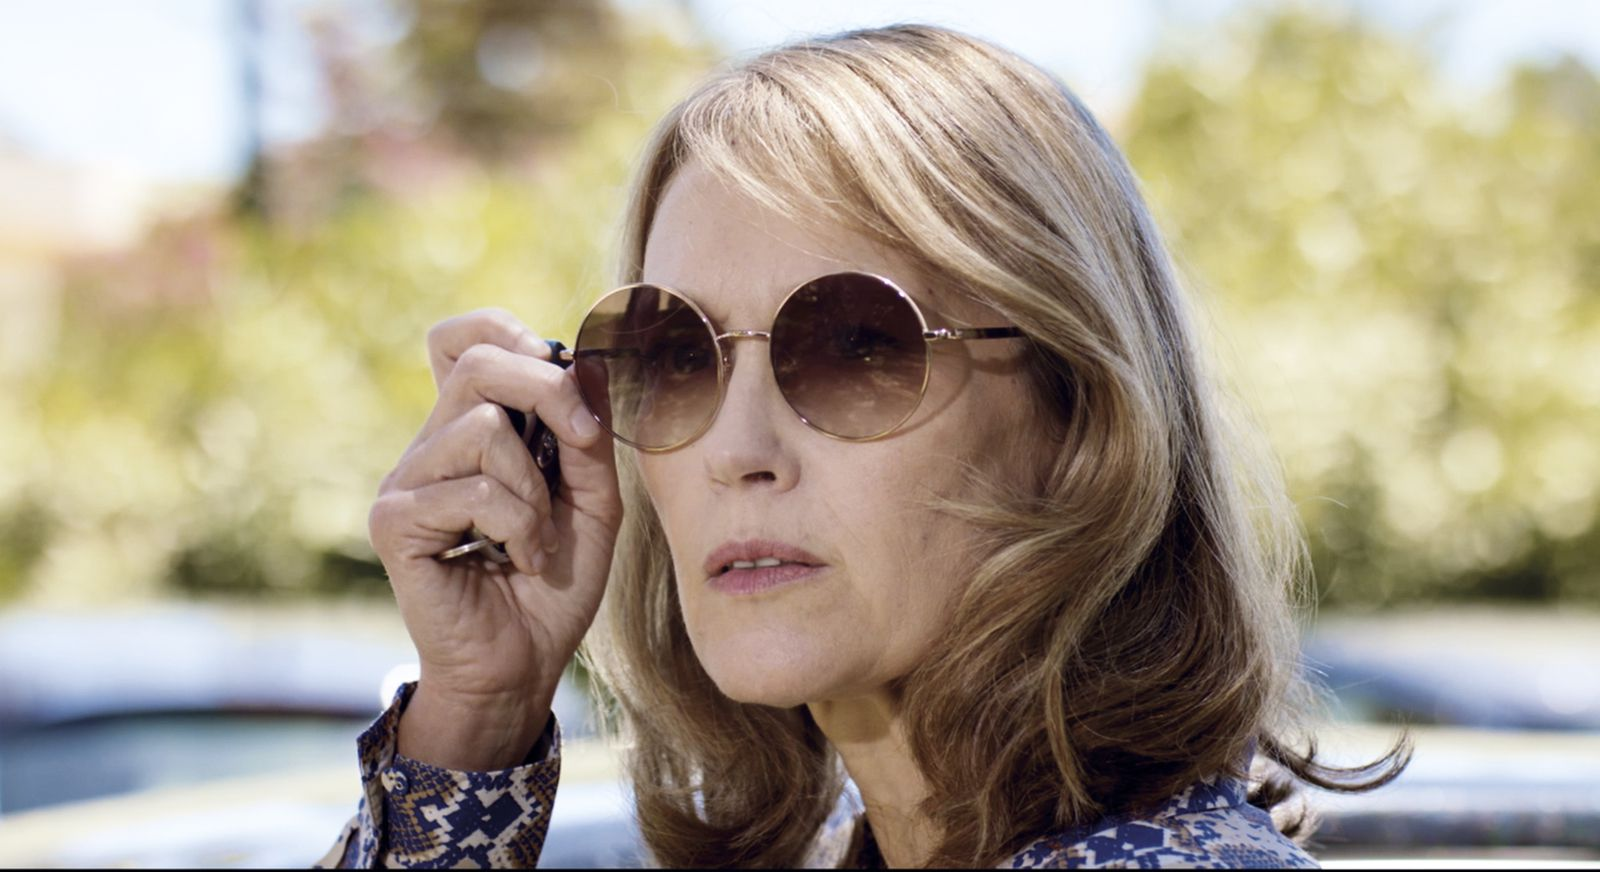 Un soupçon d'amour (BANDE-ANNONCE) avec Marianne Basler, Fabienne Babe - Le 9 septembre 2020 au cinéma